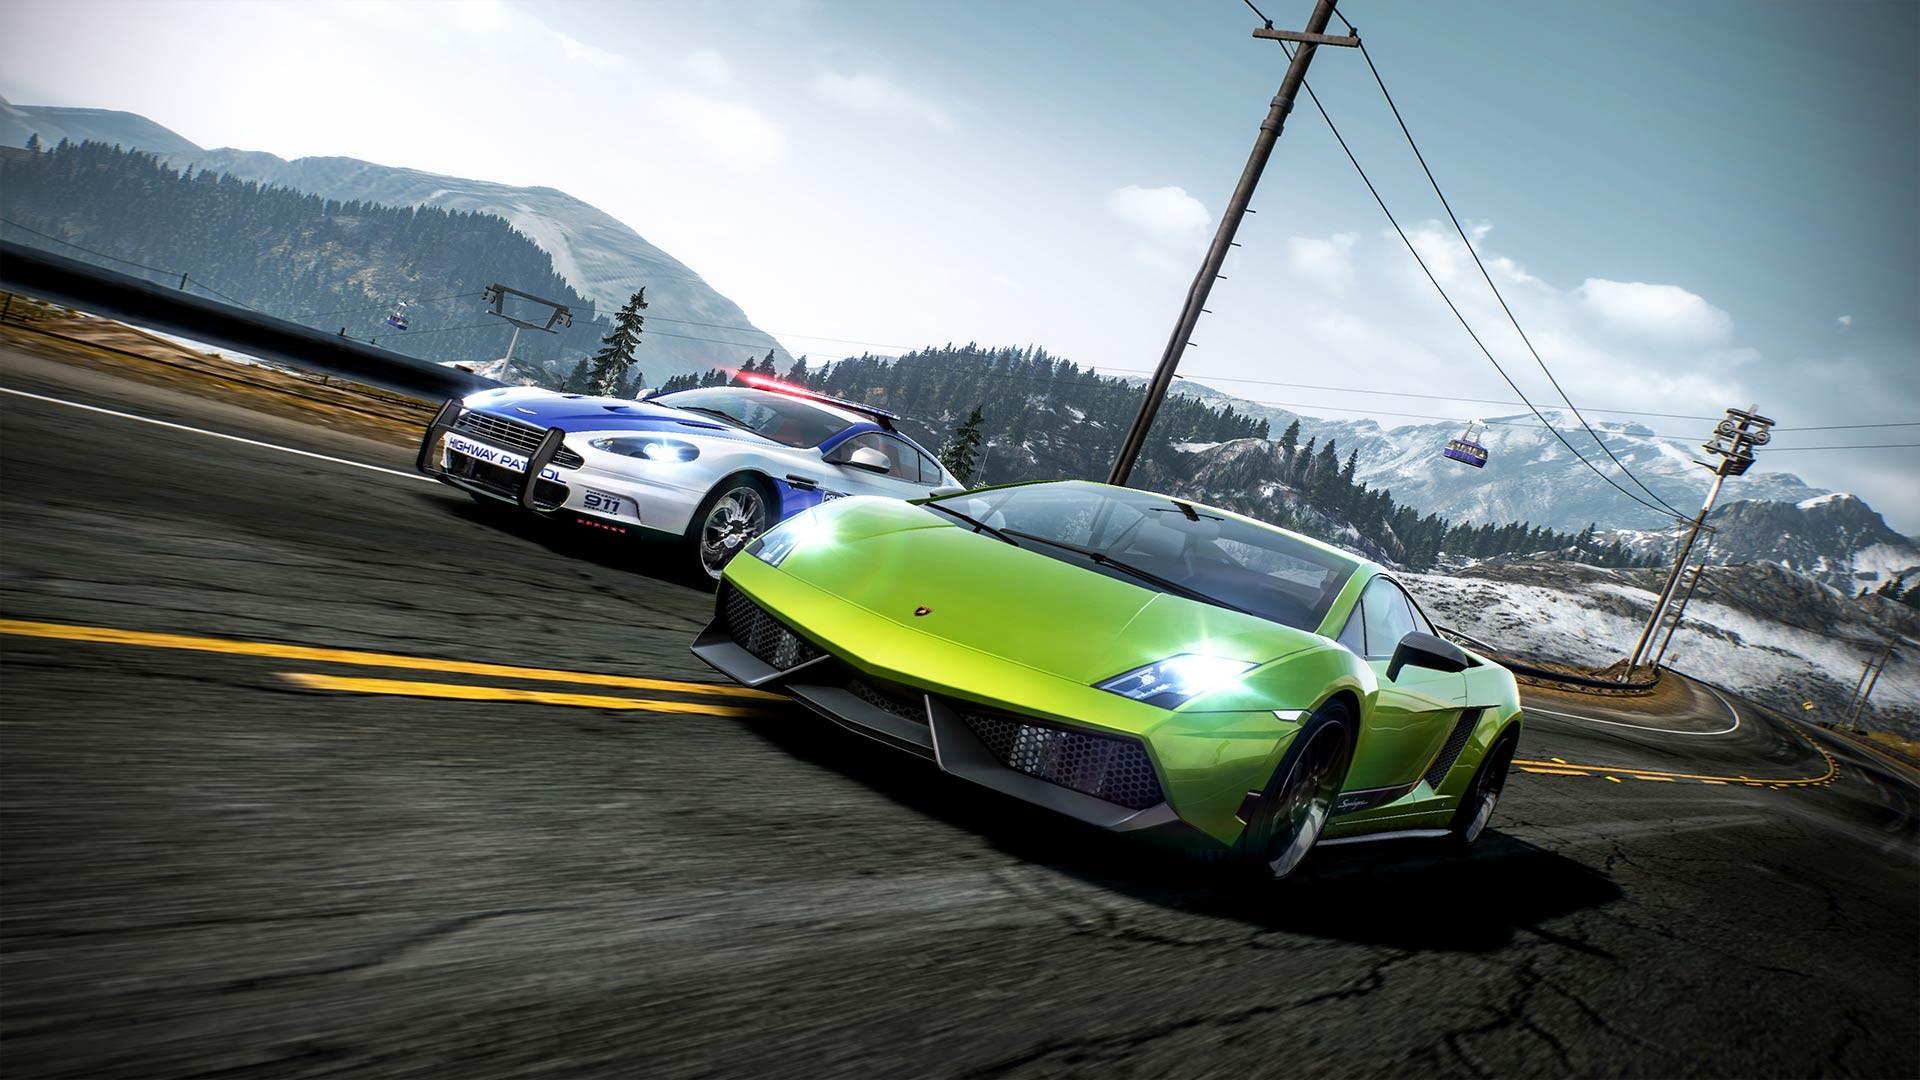 EA представила обновленный гоночный симулятор Need for Speed Hot Pursuit Remastered он выйдет 6 ноября на ПК и консолях